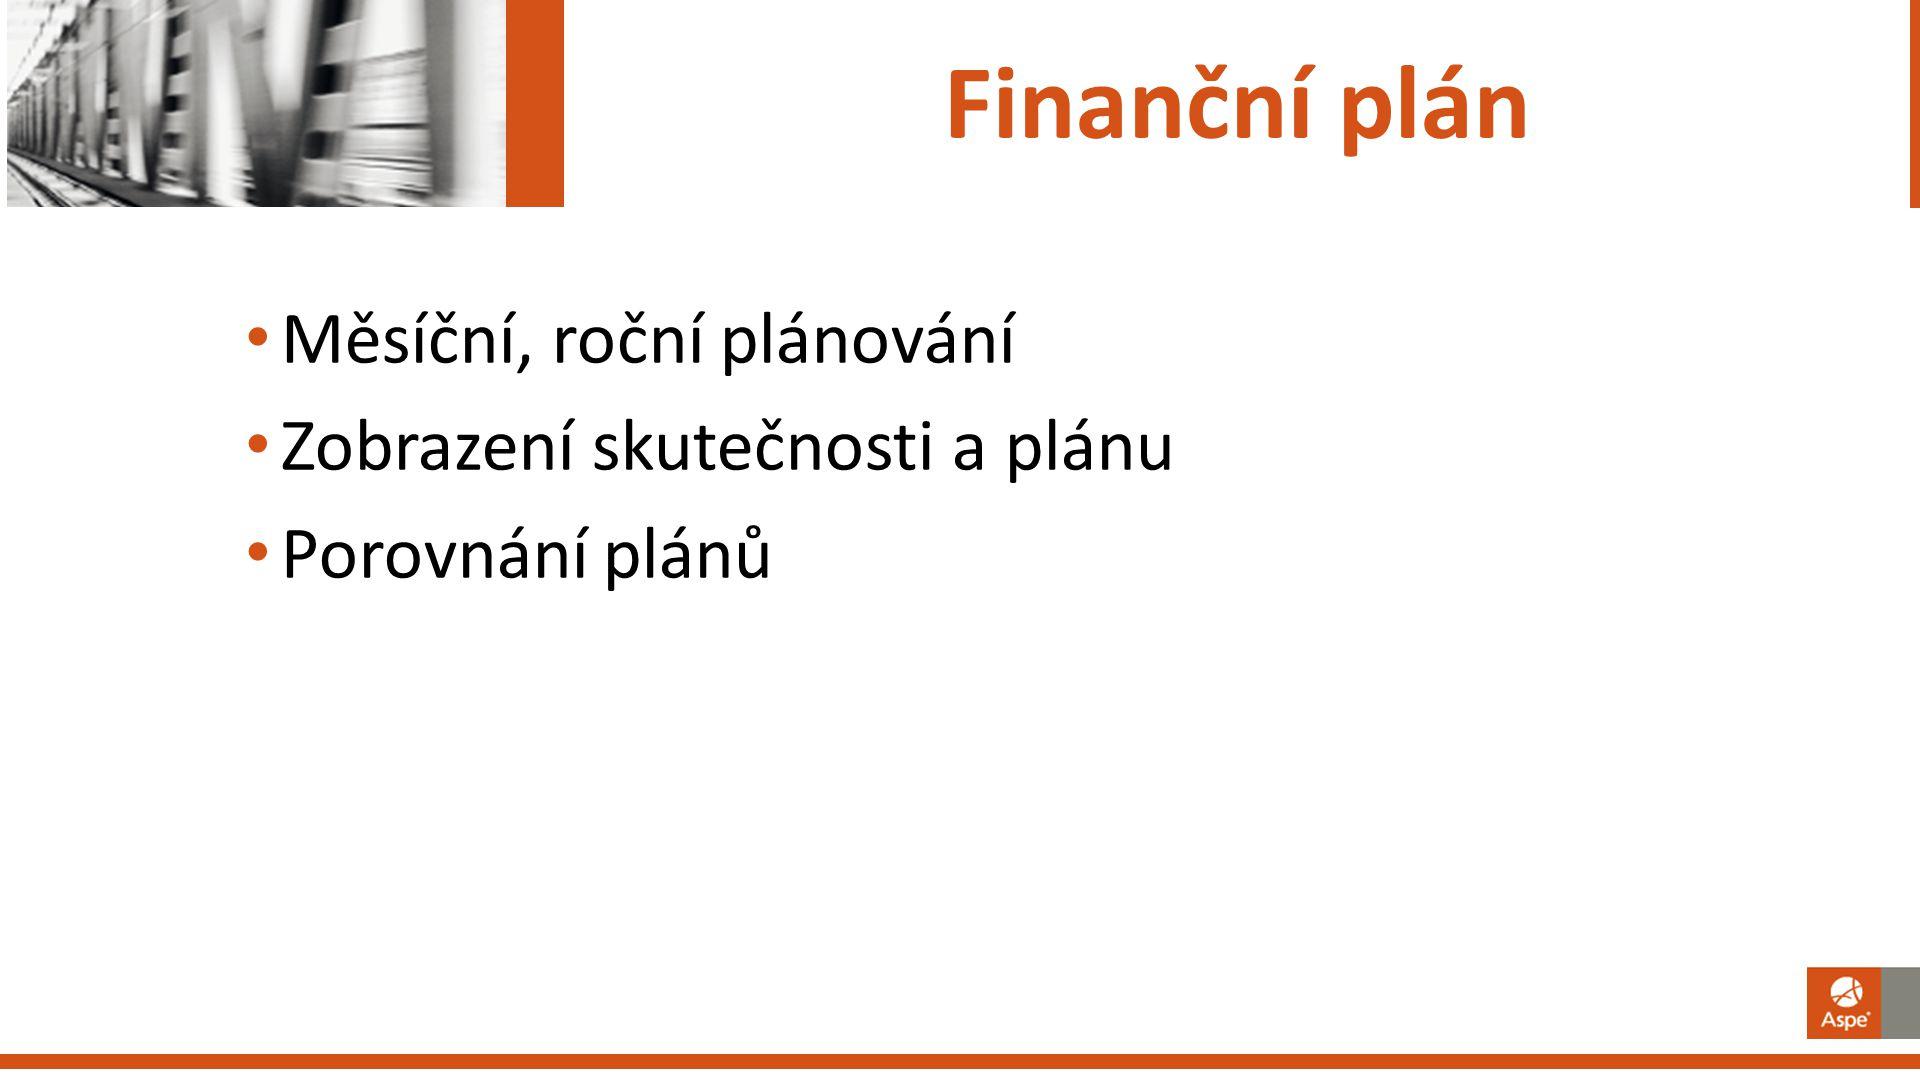 Finanční plán Měsíční, roční plánování Zobrazení skutečnosti a plánu Porovnání plánů